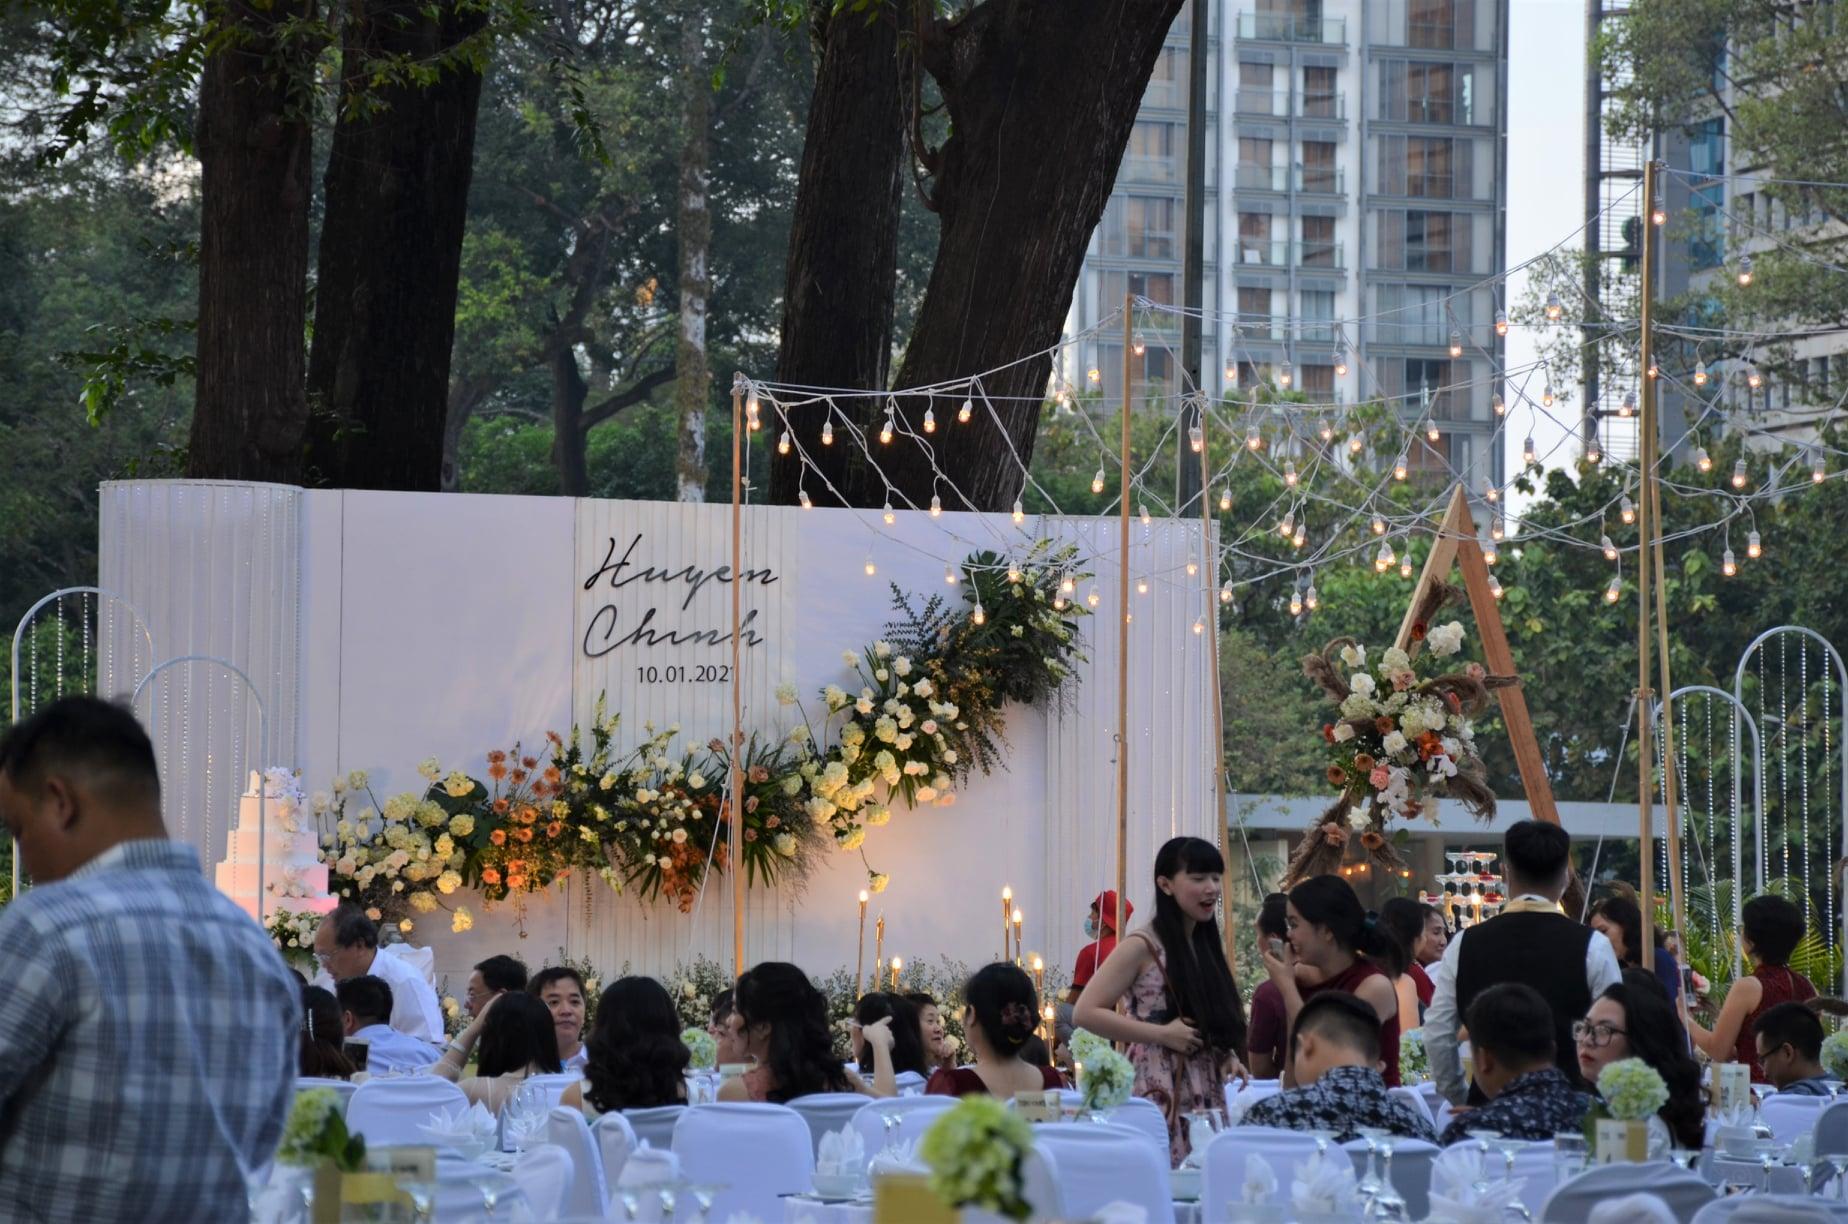 tiệc cưới tại khu vực nhà khách chính phủ 108 nguyễn du